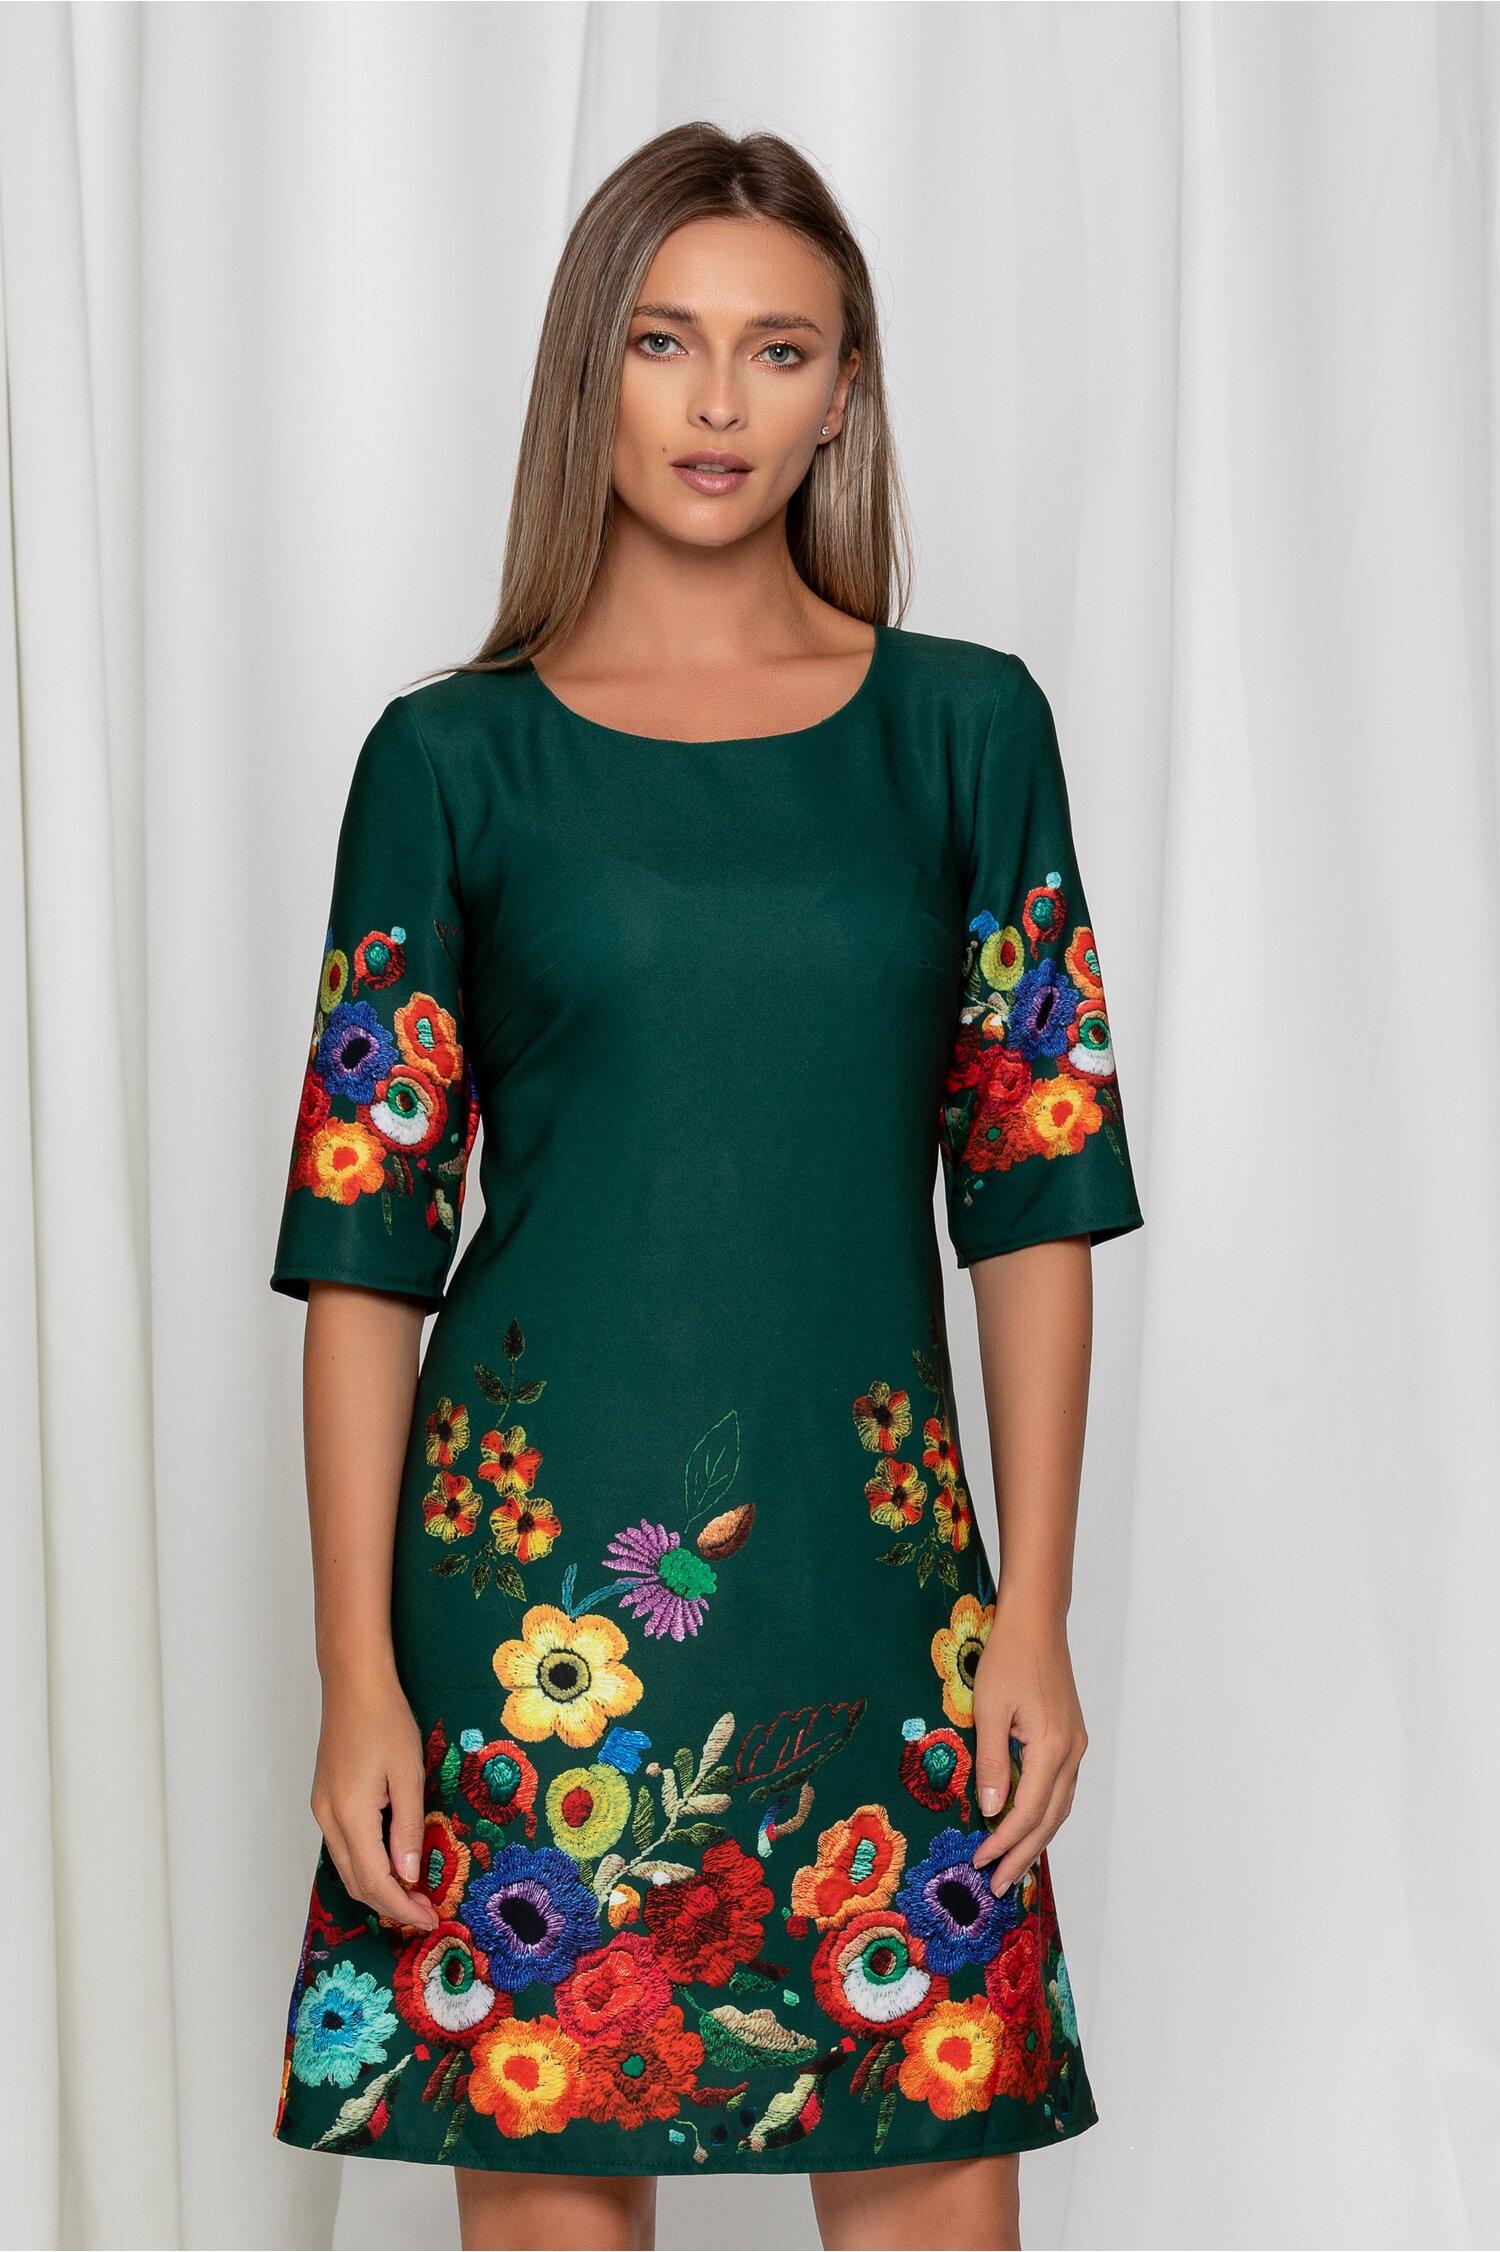 Rochie Mira verde dreapta cu flori colorate